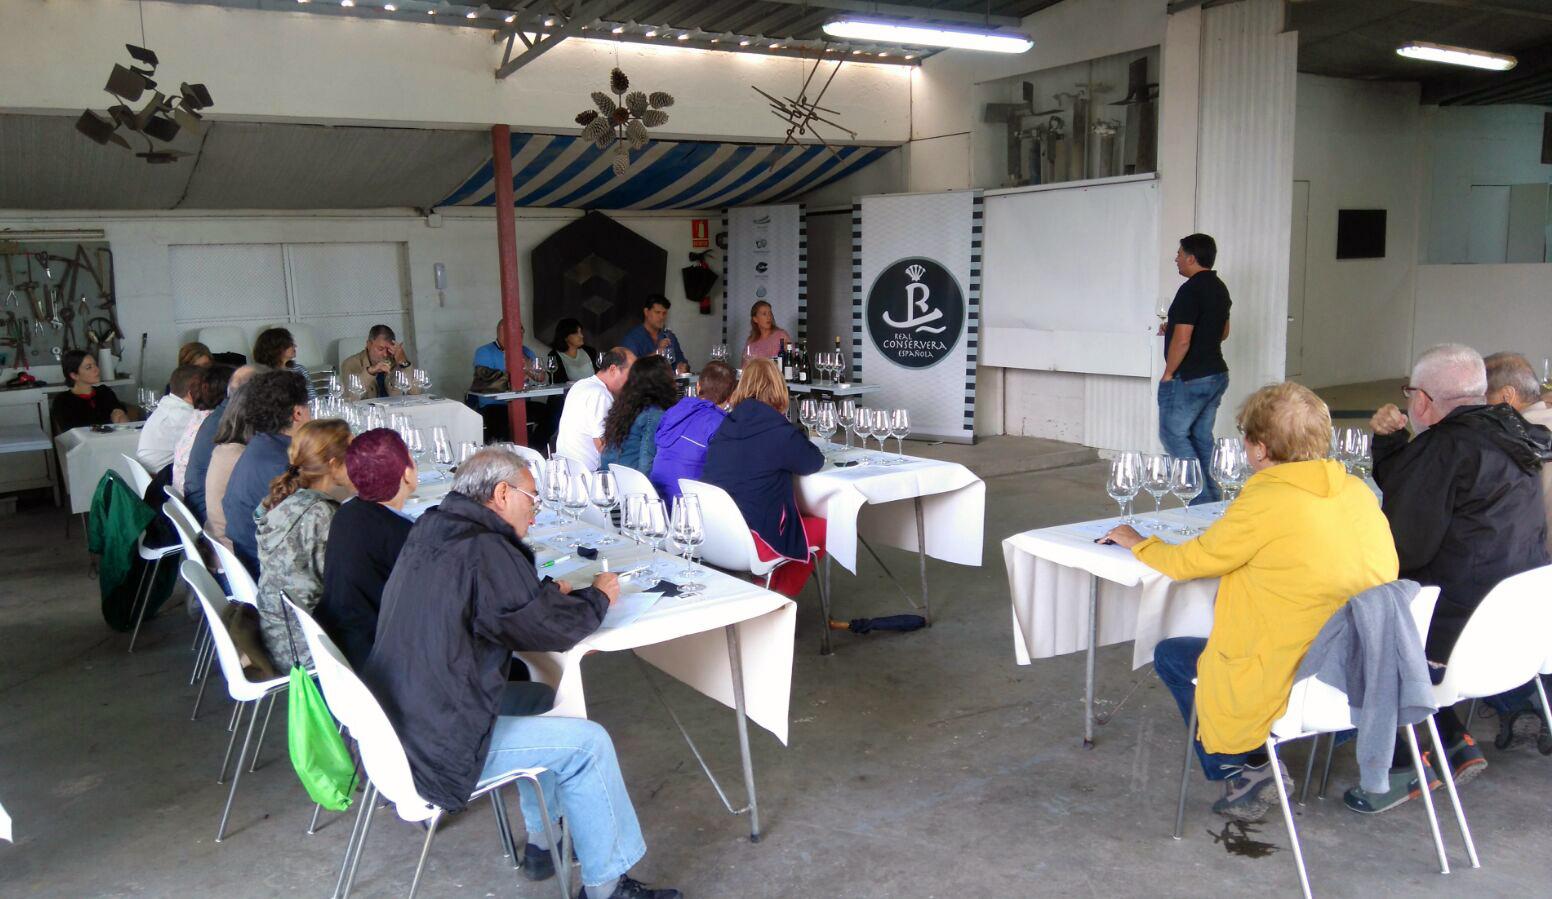 Treinta personas participaron en la cata organizada por la Ruta do Viño Rías Baixas dentro de las II Xornadas da Fundación Manolo Paz en Cambados